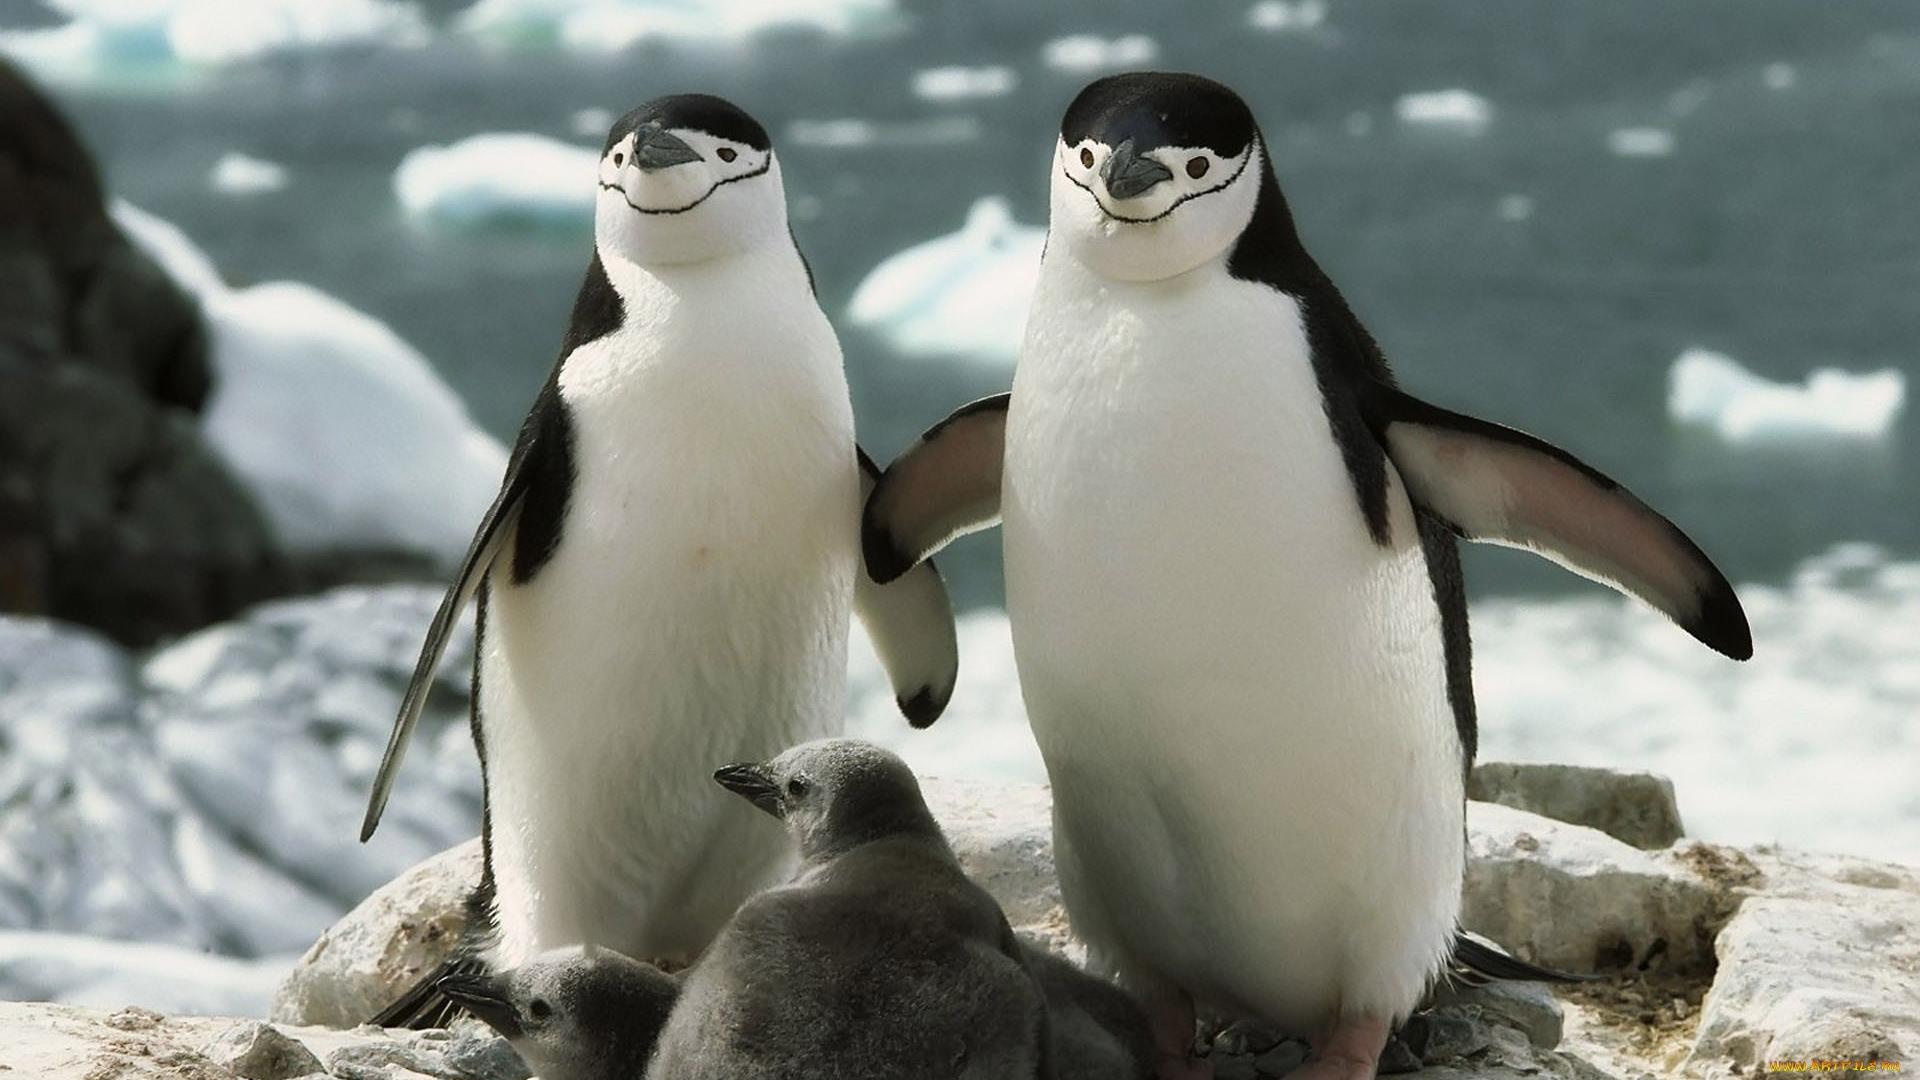 Картинка с пингвинами